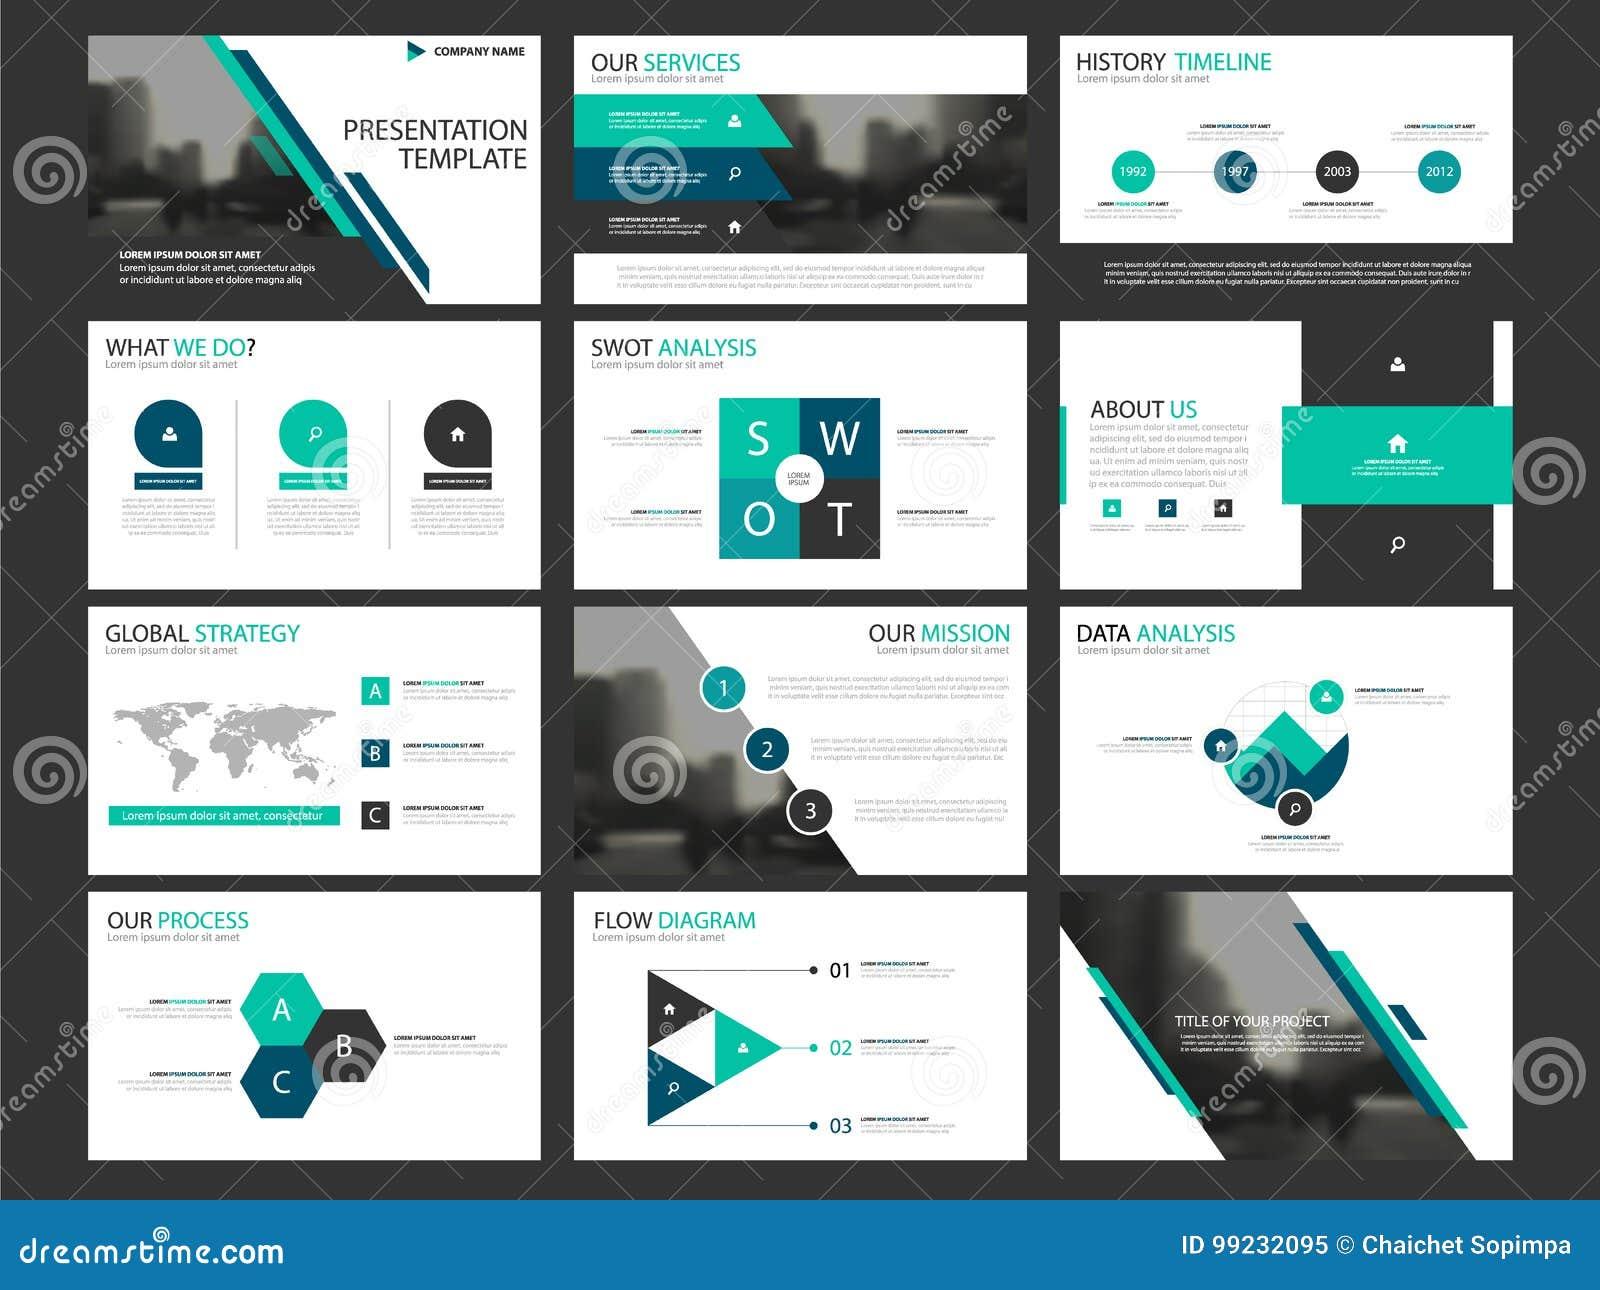 企业介绍infographic元素模板集合,年终报告公司水平的小册子设计